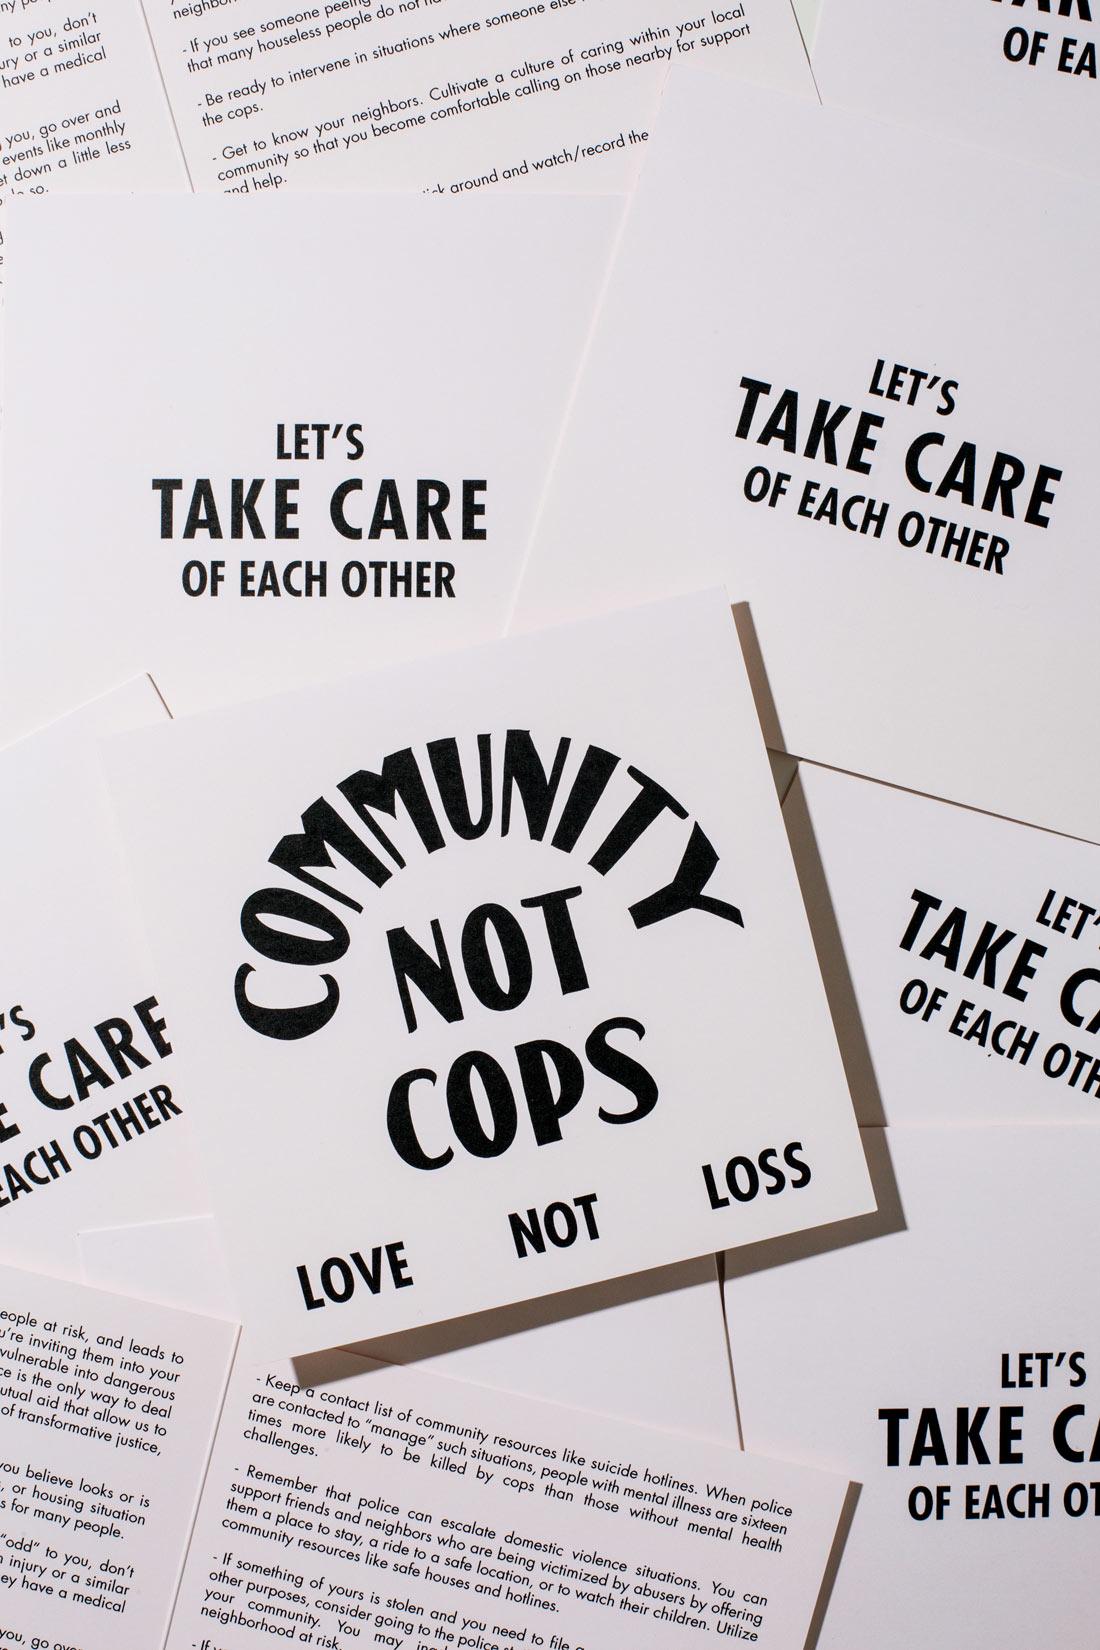 Community not cops